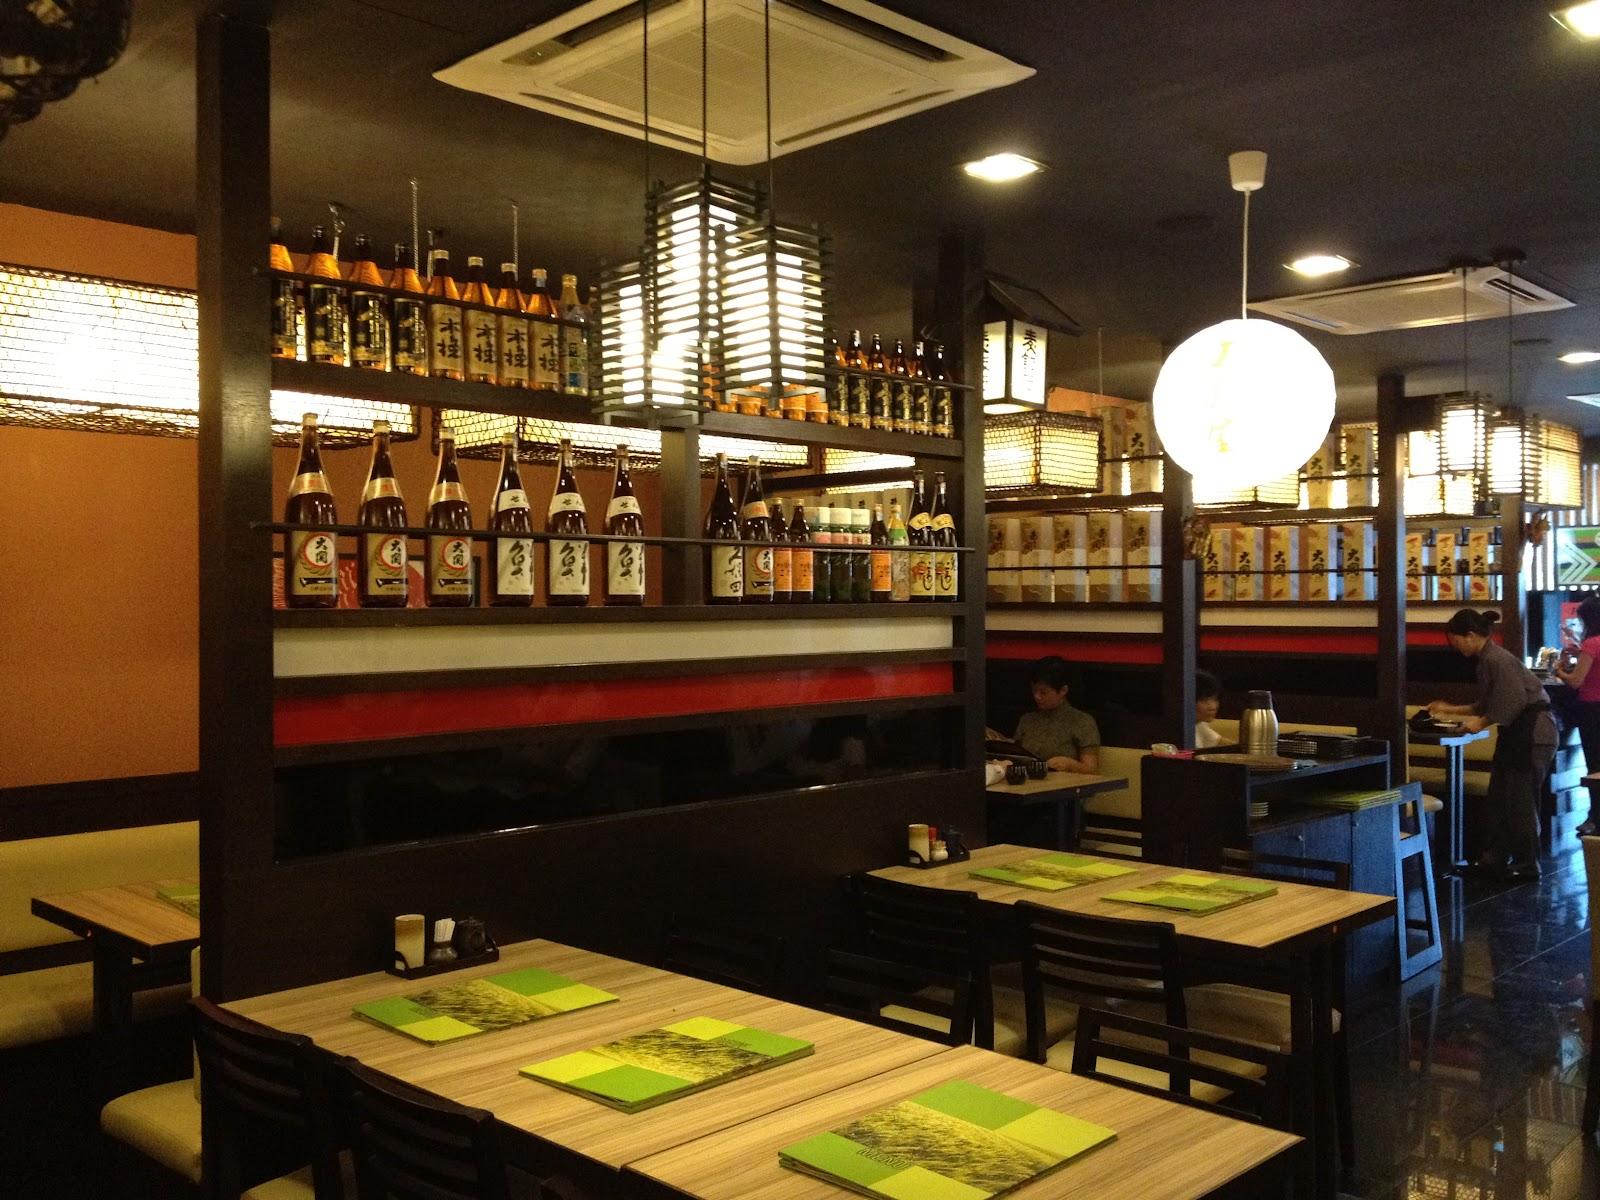 Cheng lavie tosaya japanese restaurant cheras midah for Asian cuisine restaurant